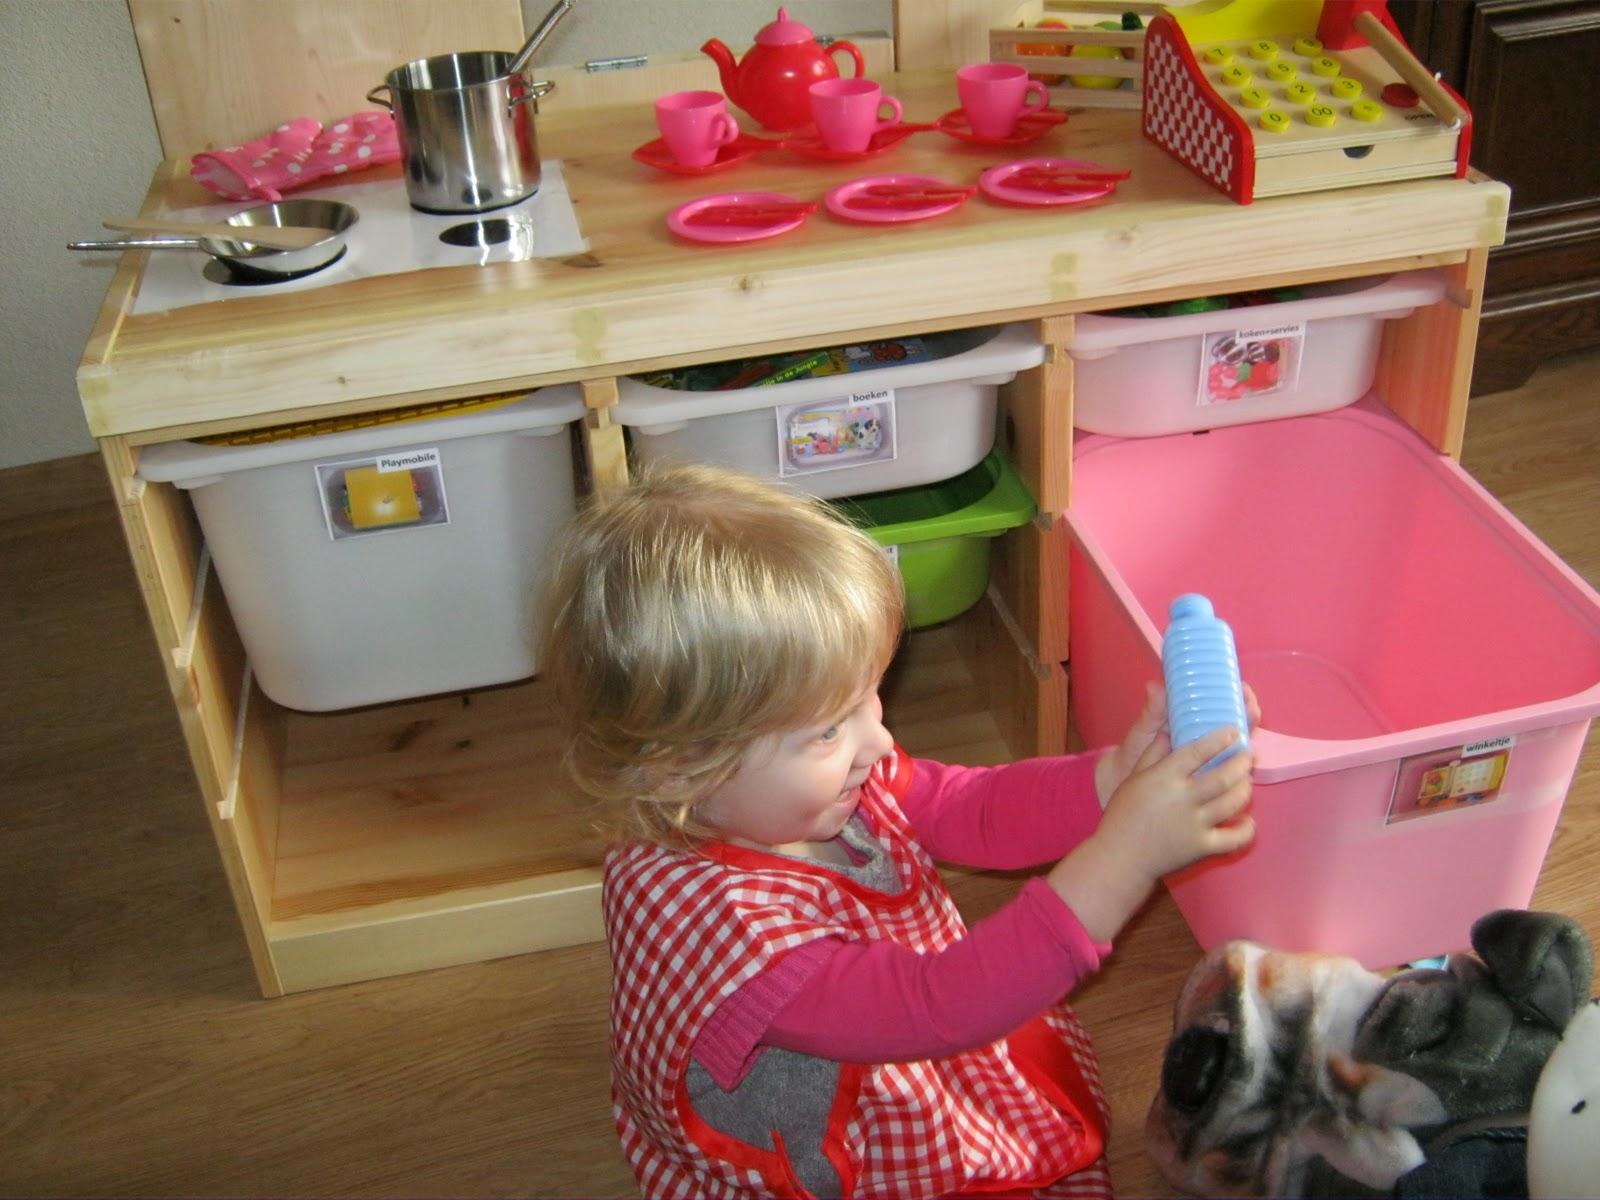 Speelgoed Keuken Tweedehands : Moneypenny bespaart: De tweede verjaardag van Minipenny